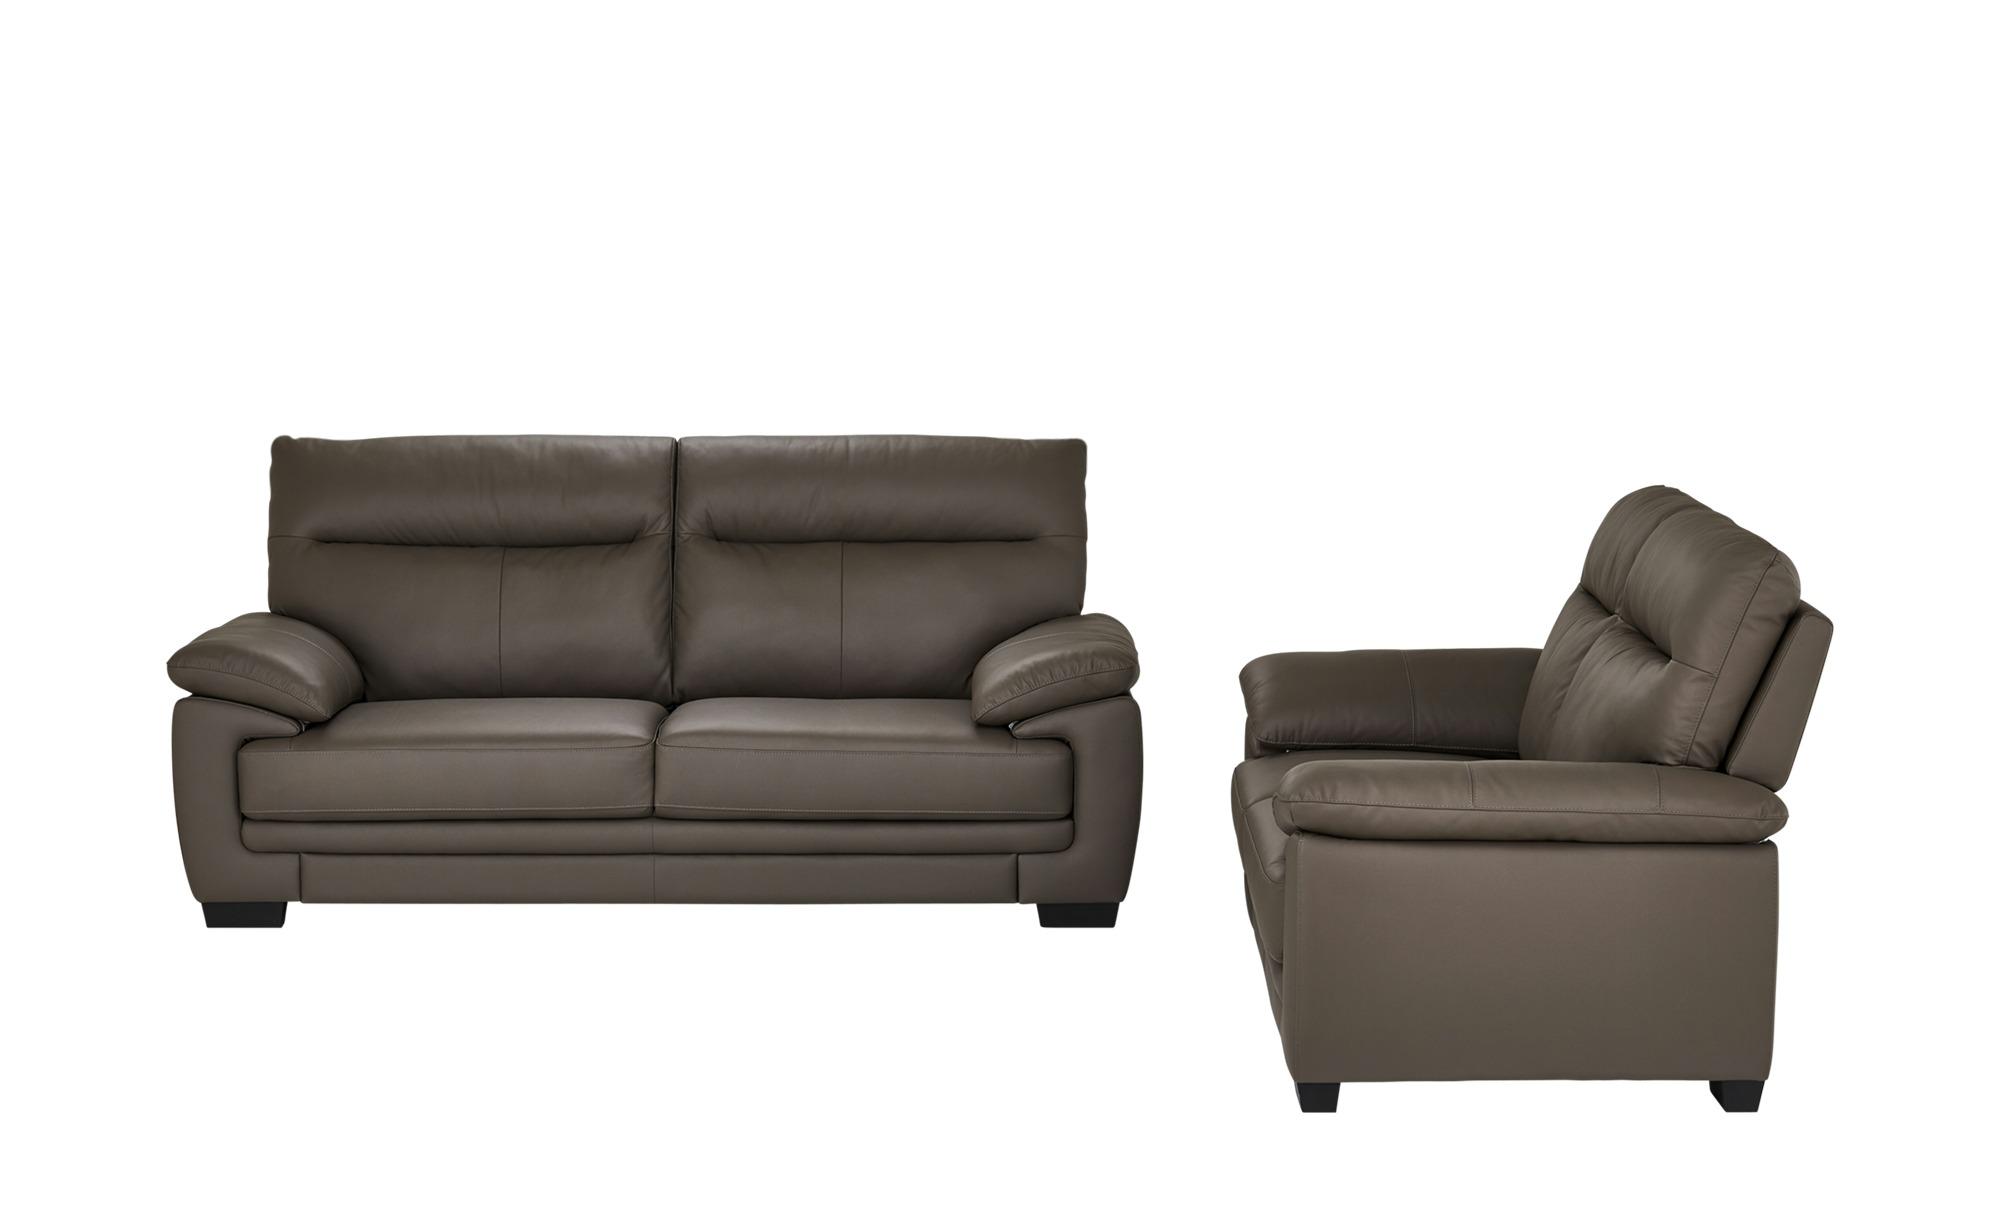 uno Sitzgruppe  Quella ¦ braun ¦ Maße (cm): H: 98 T: 97 Polstermöbel > Sofas > Sitzgruppen - Höffner